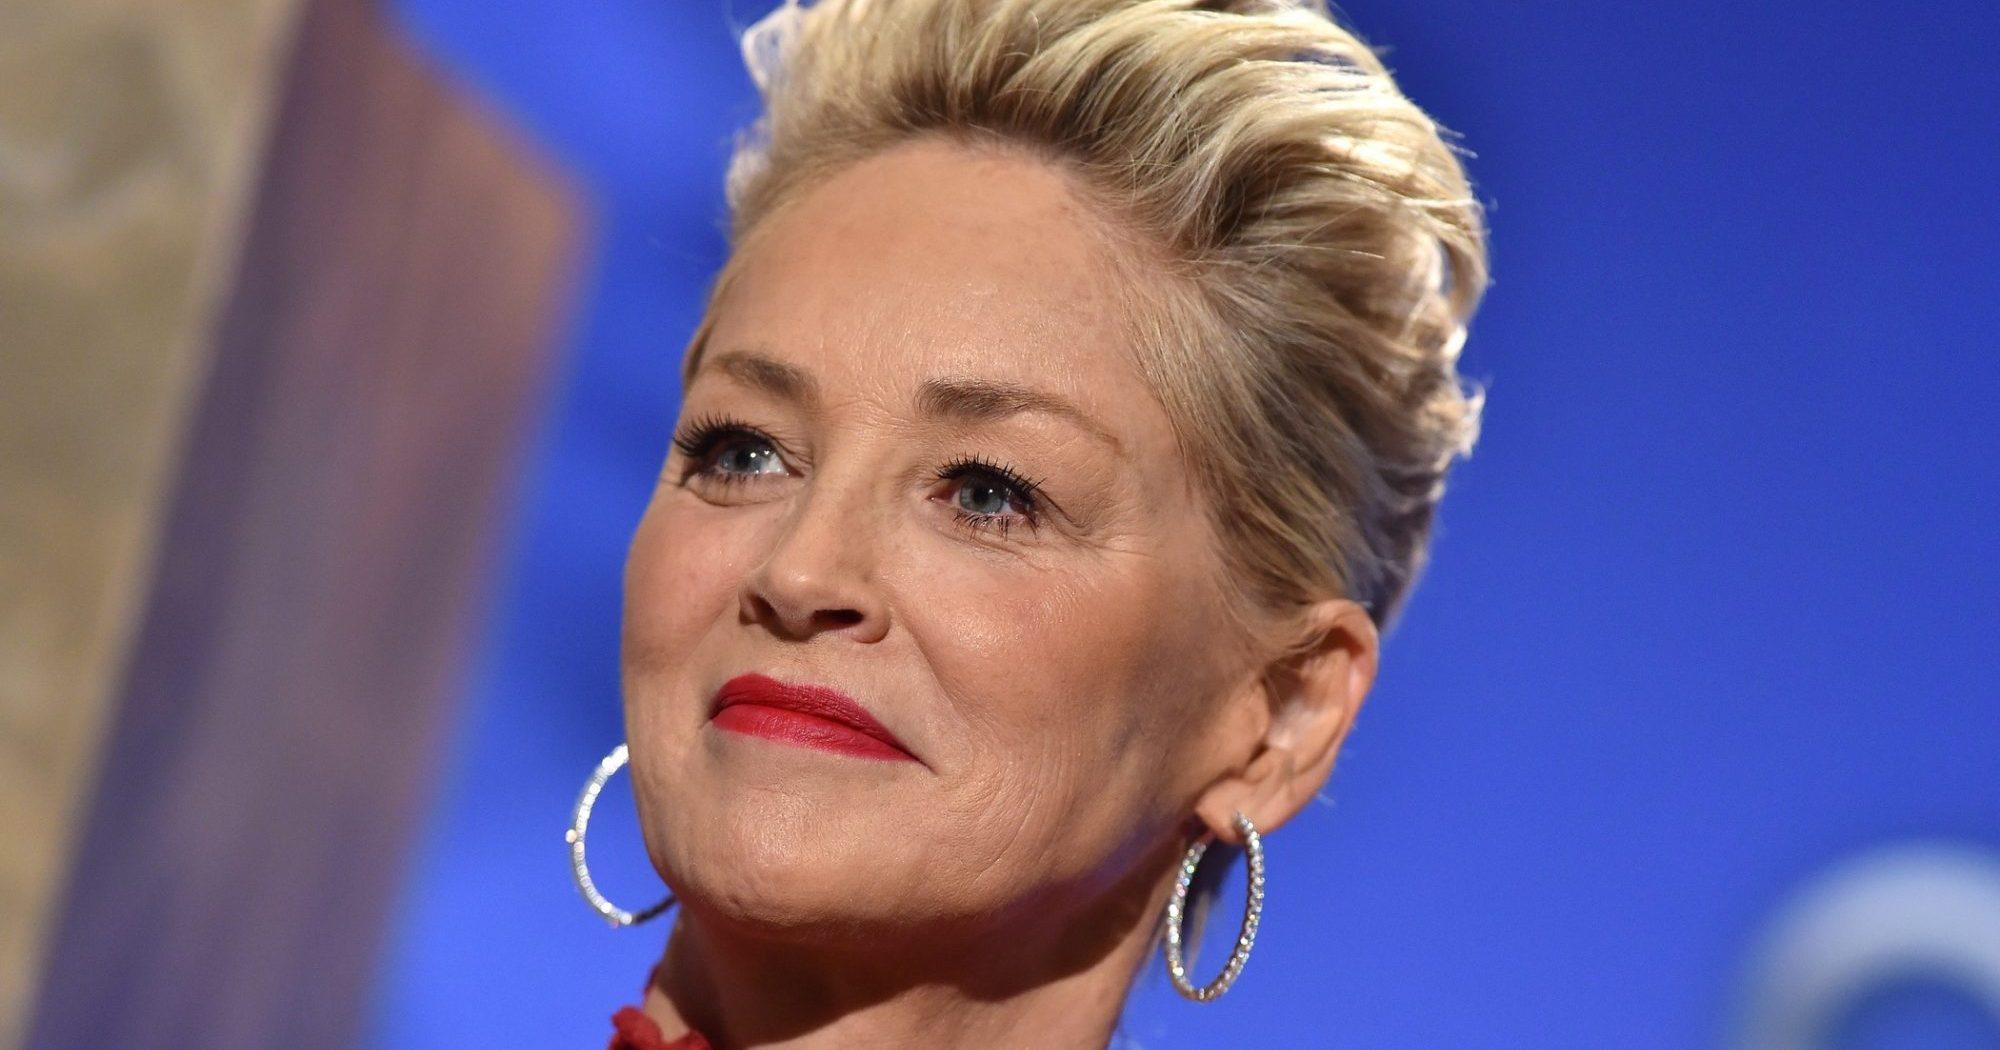 Η Sharon Stone ποζάρει με μπικίνι στα 63 της χρόνια και εντυπωσιάζει με τις αναλογίες της Η Sharon Stone σε κάθε της ανάρτηση μας επιβεβαιώνει ότι όσα χρόνια και αν περάσουν θα διαθέτει πάντα μια άκρως εντυπωσιακή εμφάνιση.